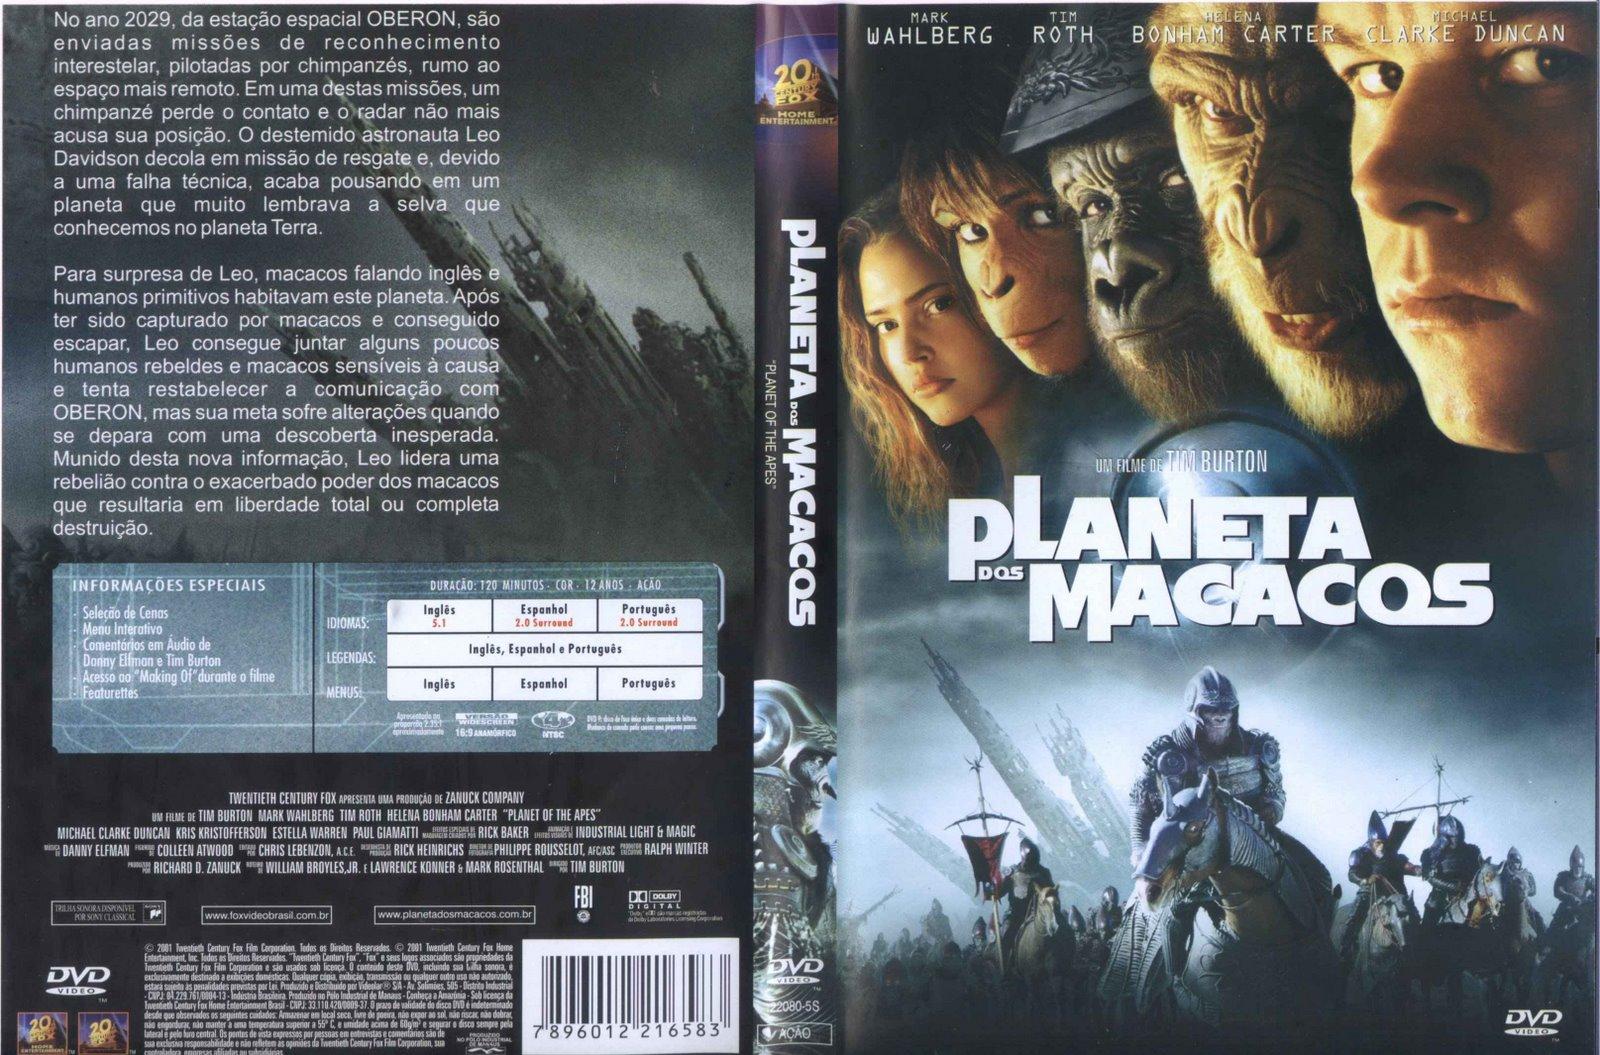 http://1.bp.blogspot.com/_pnOdTUC4iSY/TDXDRtePOjI/AAAAAAAAAMU/czrLrTo1IB0/s1600/Planeta_Dos_Macacos.jpg